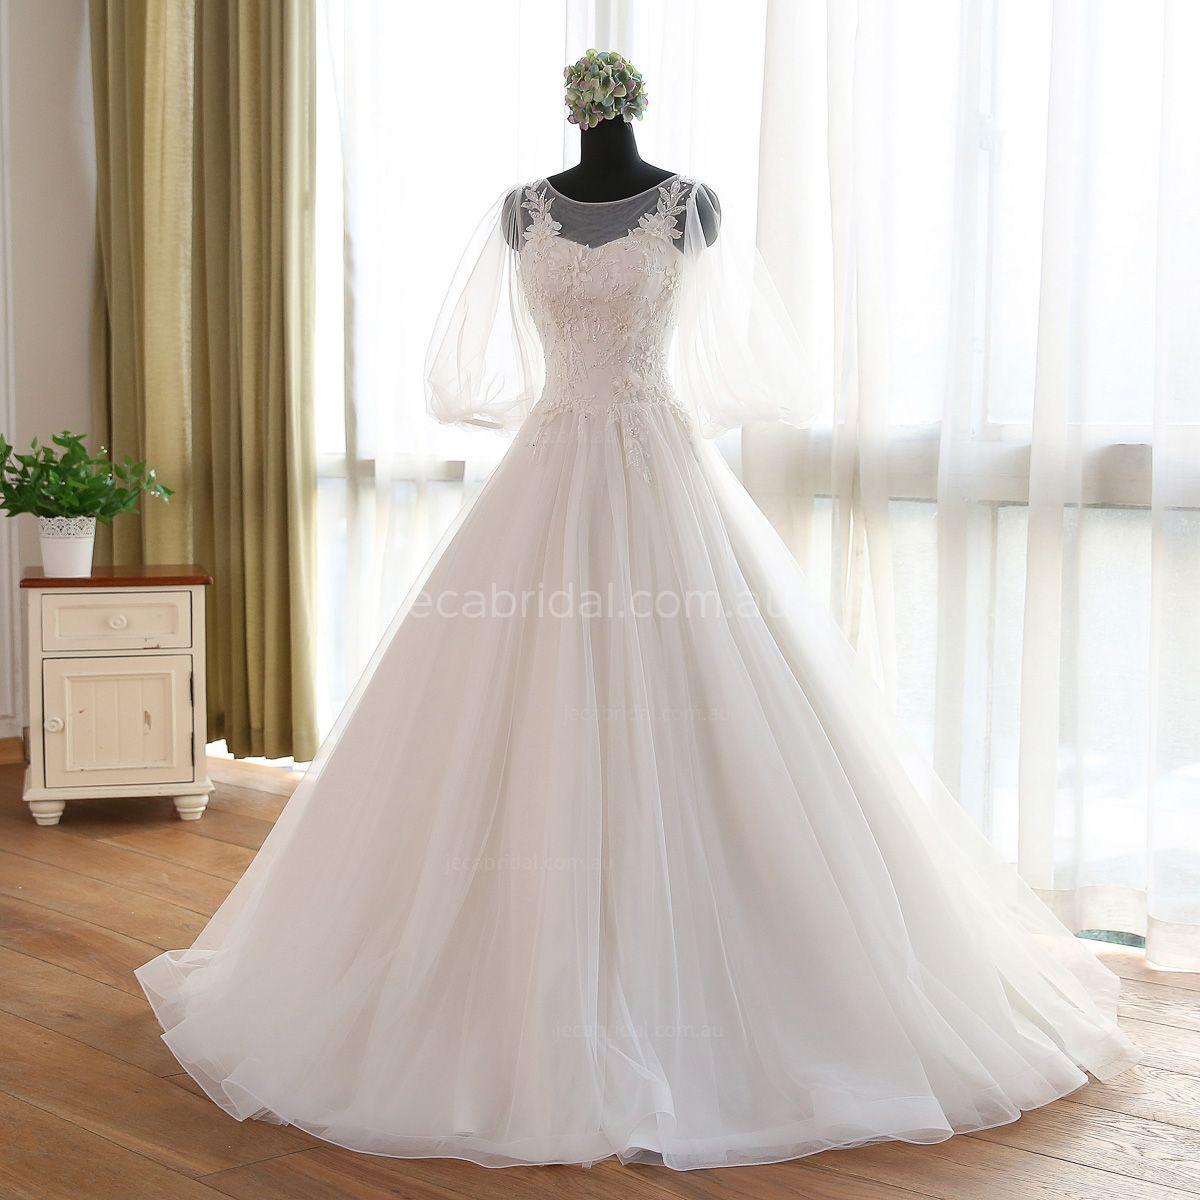 Celtic wedding dress  Renaissance Wedding Gown W  Organza wedding gowns Bateau